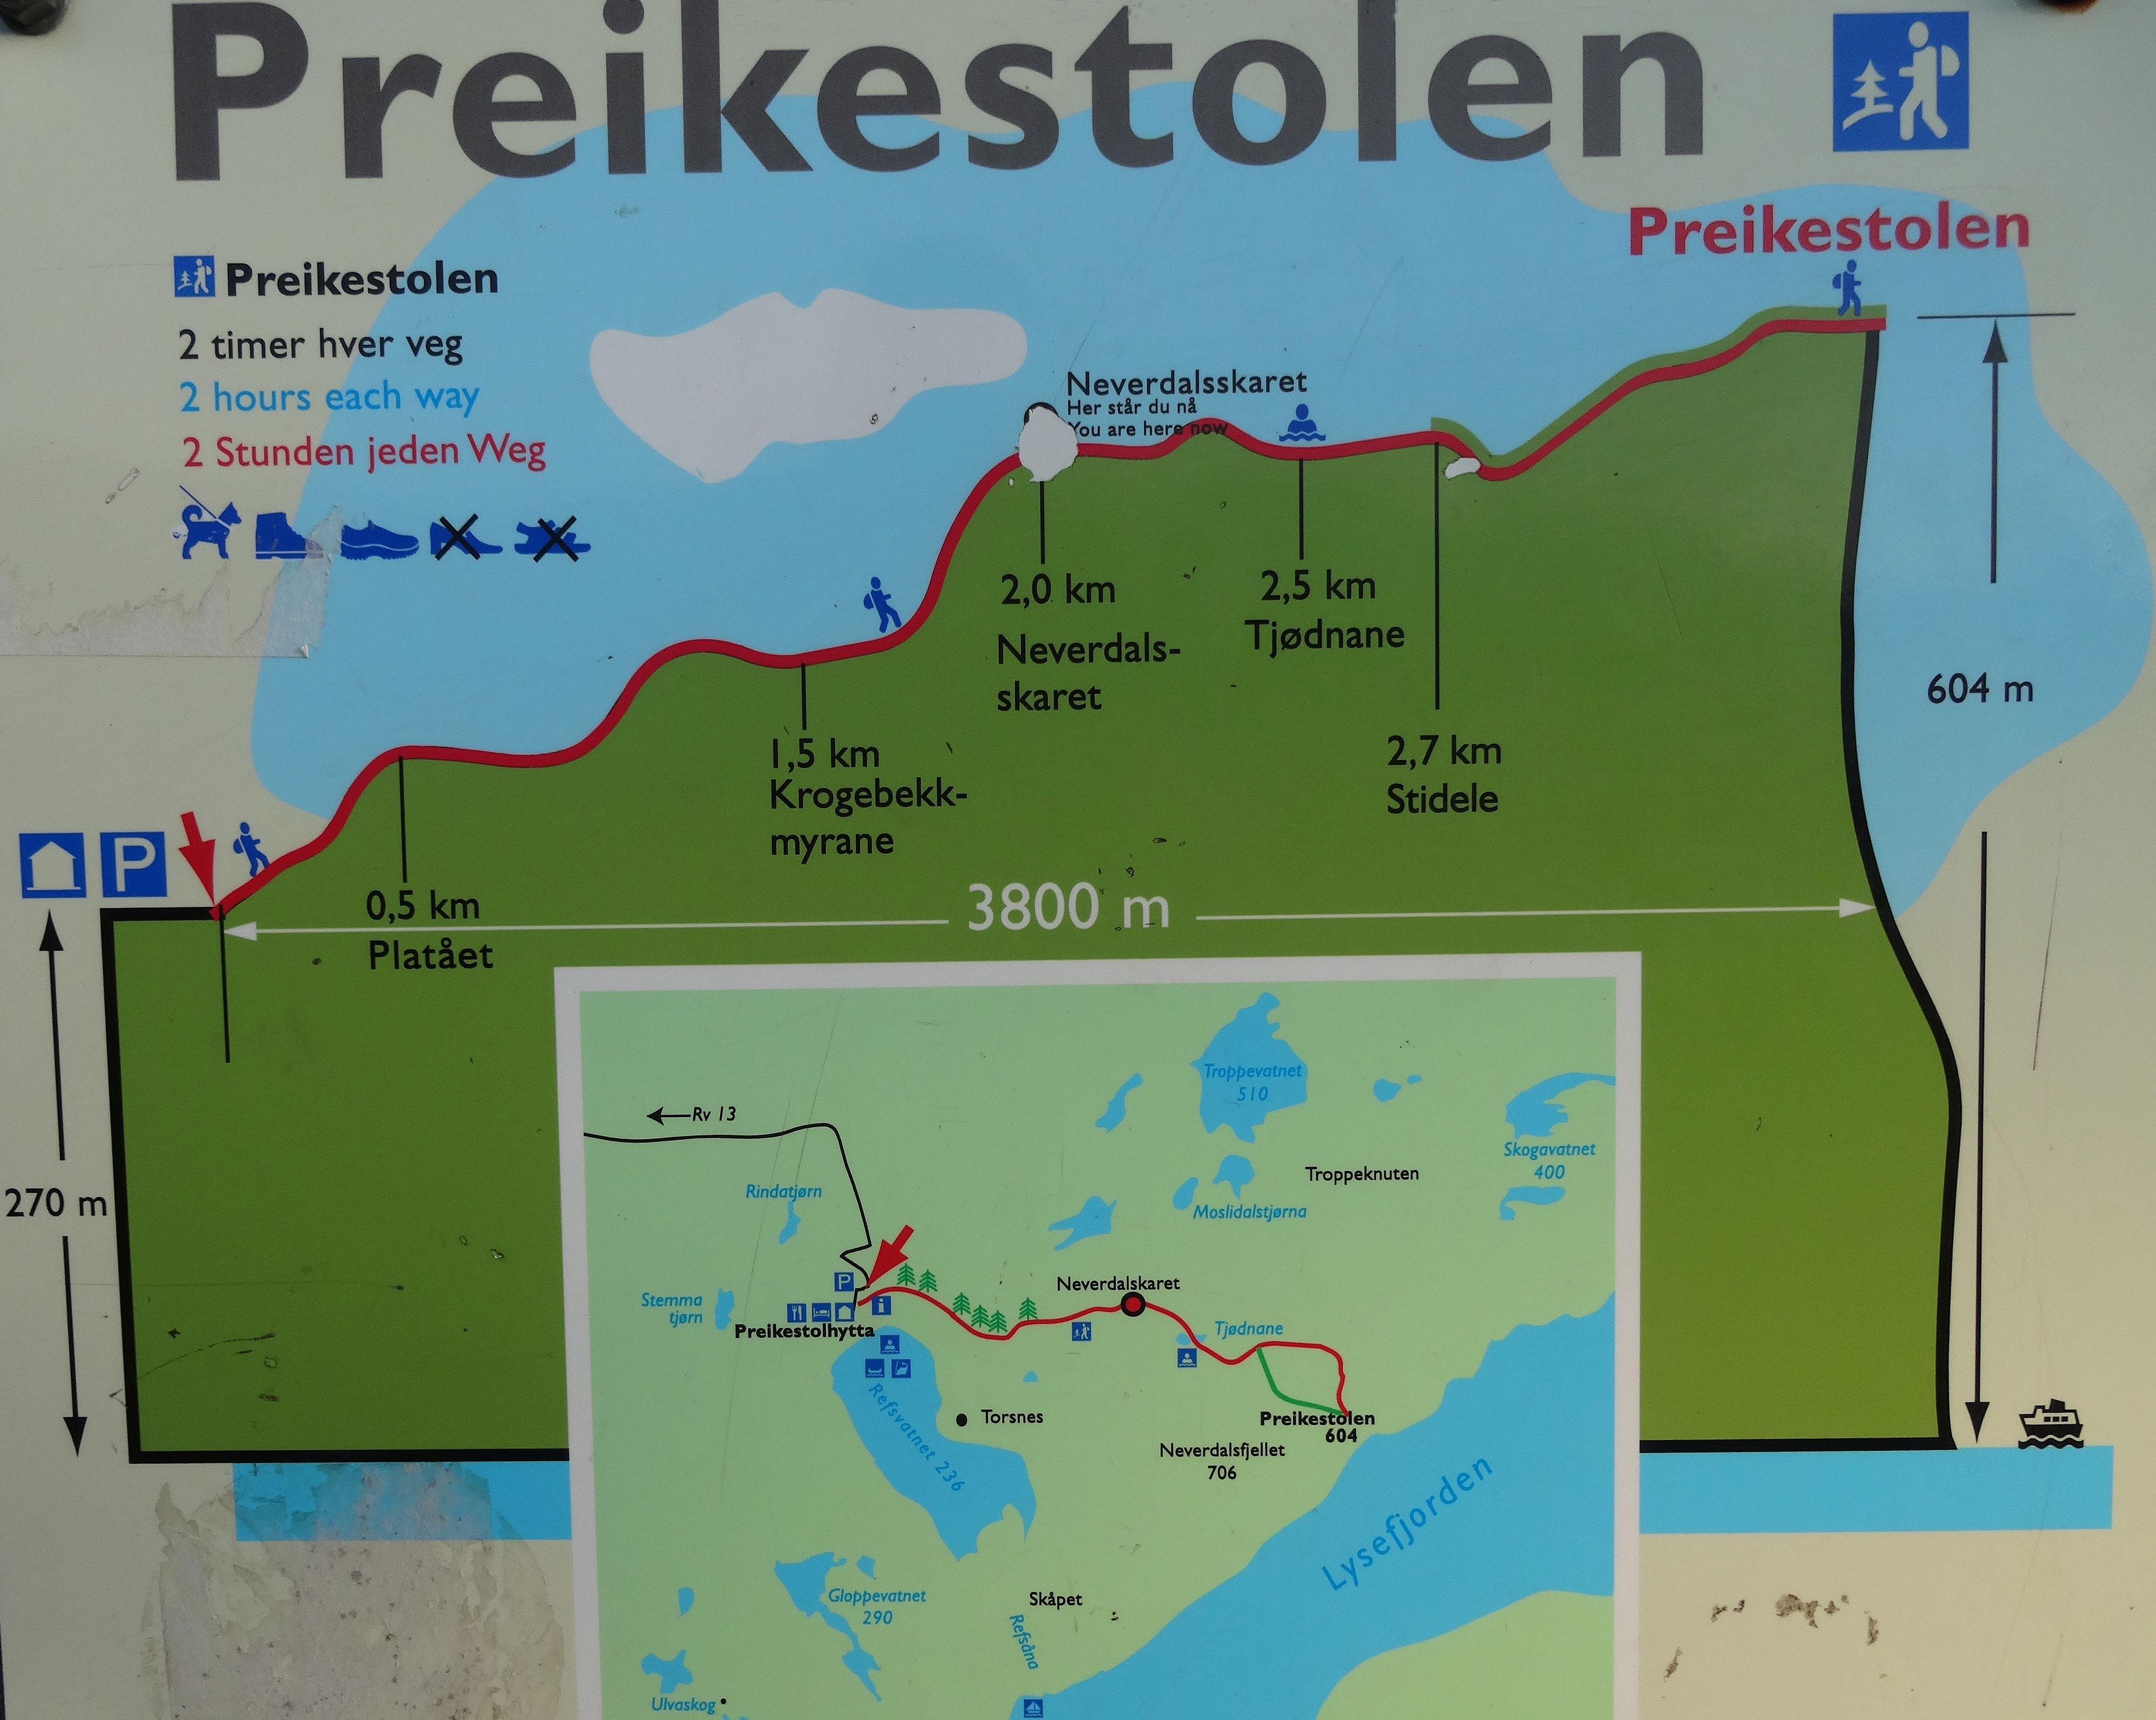 Landkarte für die Wanderung zum Preikestolen